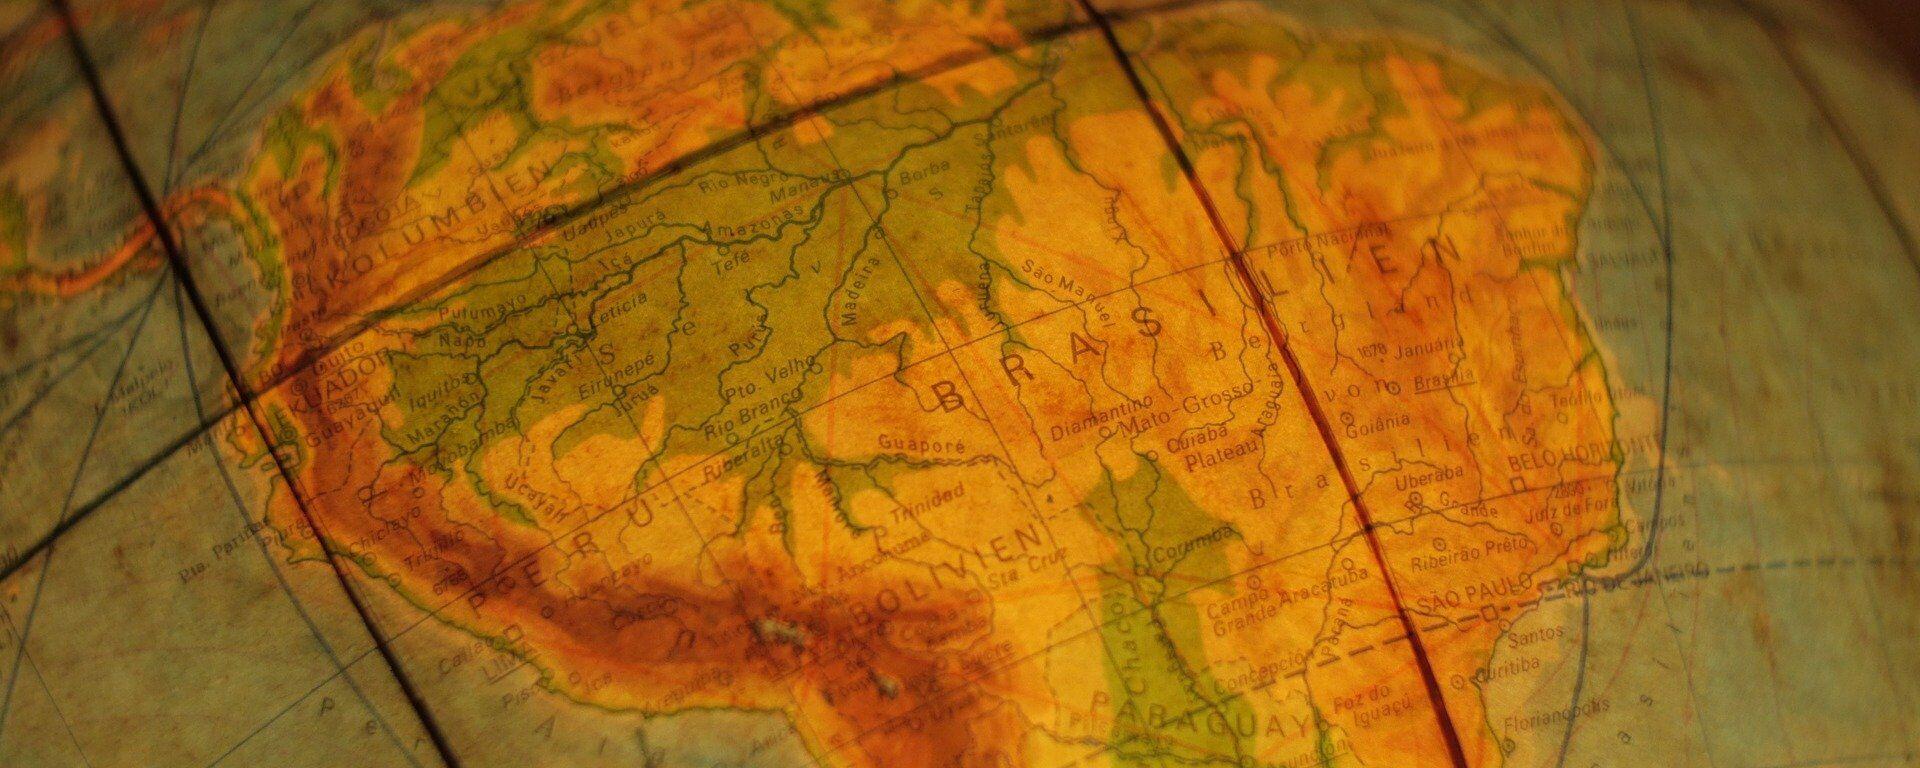 Mapa de América Latina - Sputnik Mundo, 1920, 11.06.2019